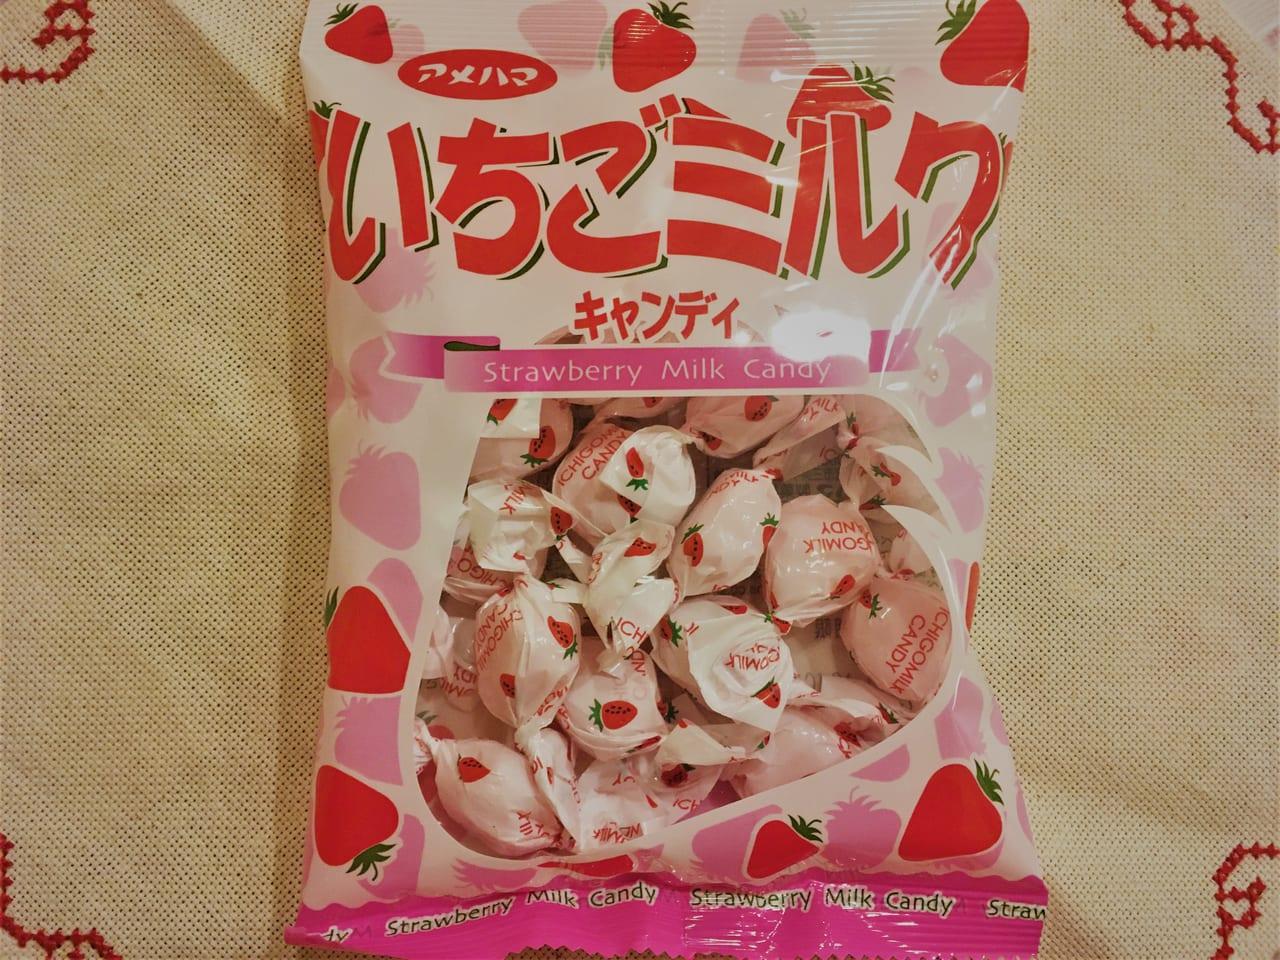 アメハマ製菓のいちごミルクキャンディ